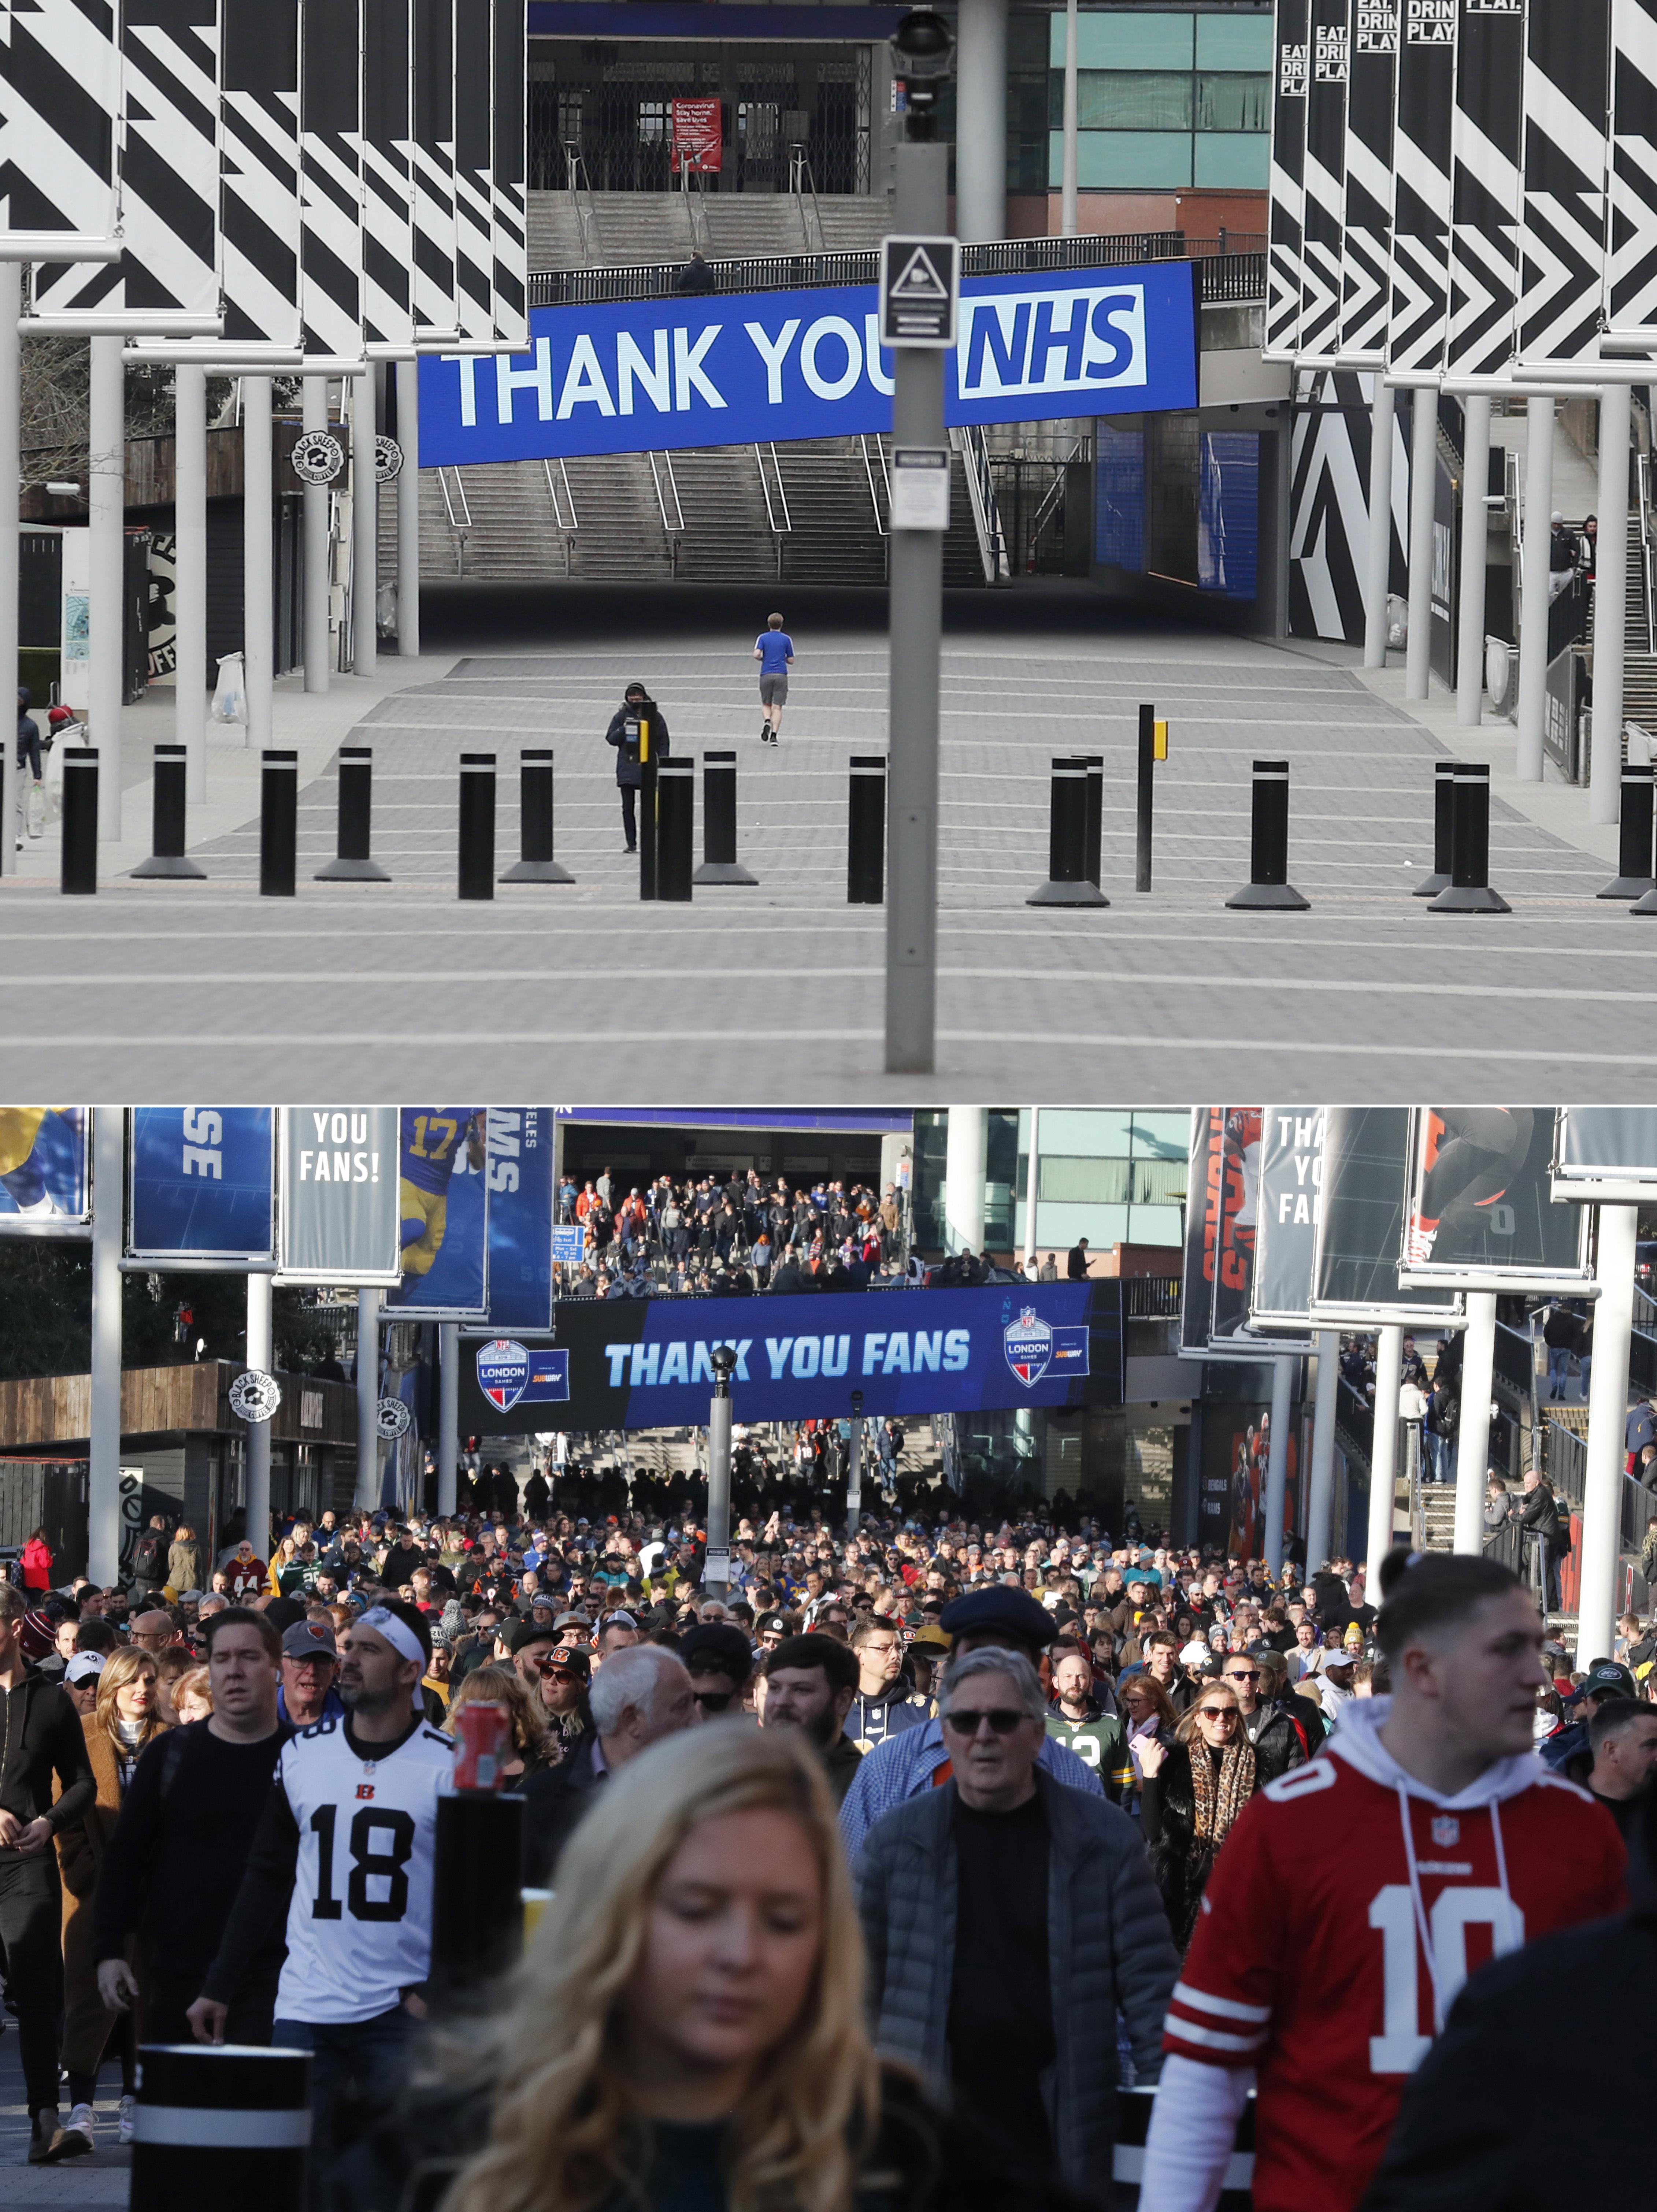 حشود المشجعين غابت عن ملعب ويمبلي الذي علقت فيه جميع البطولات الرياضية